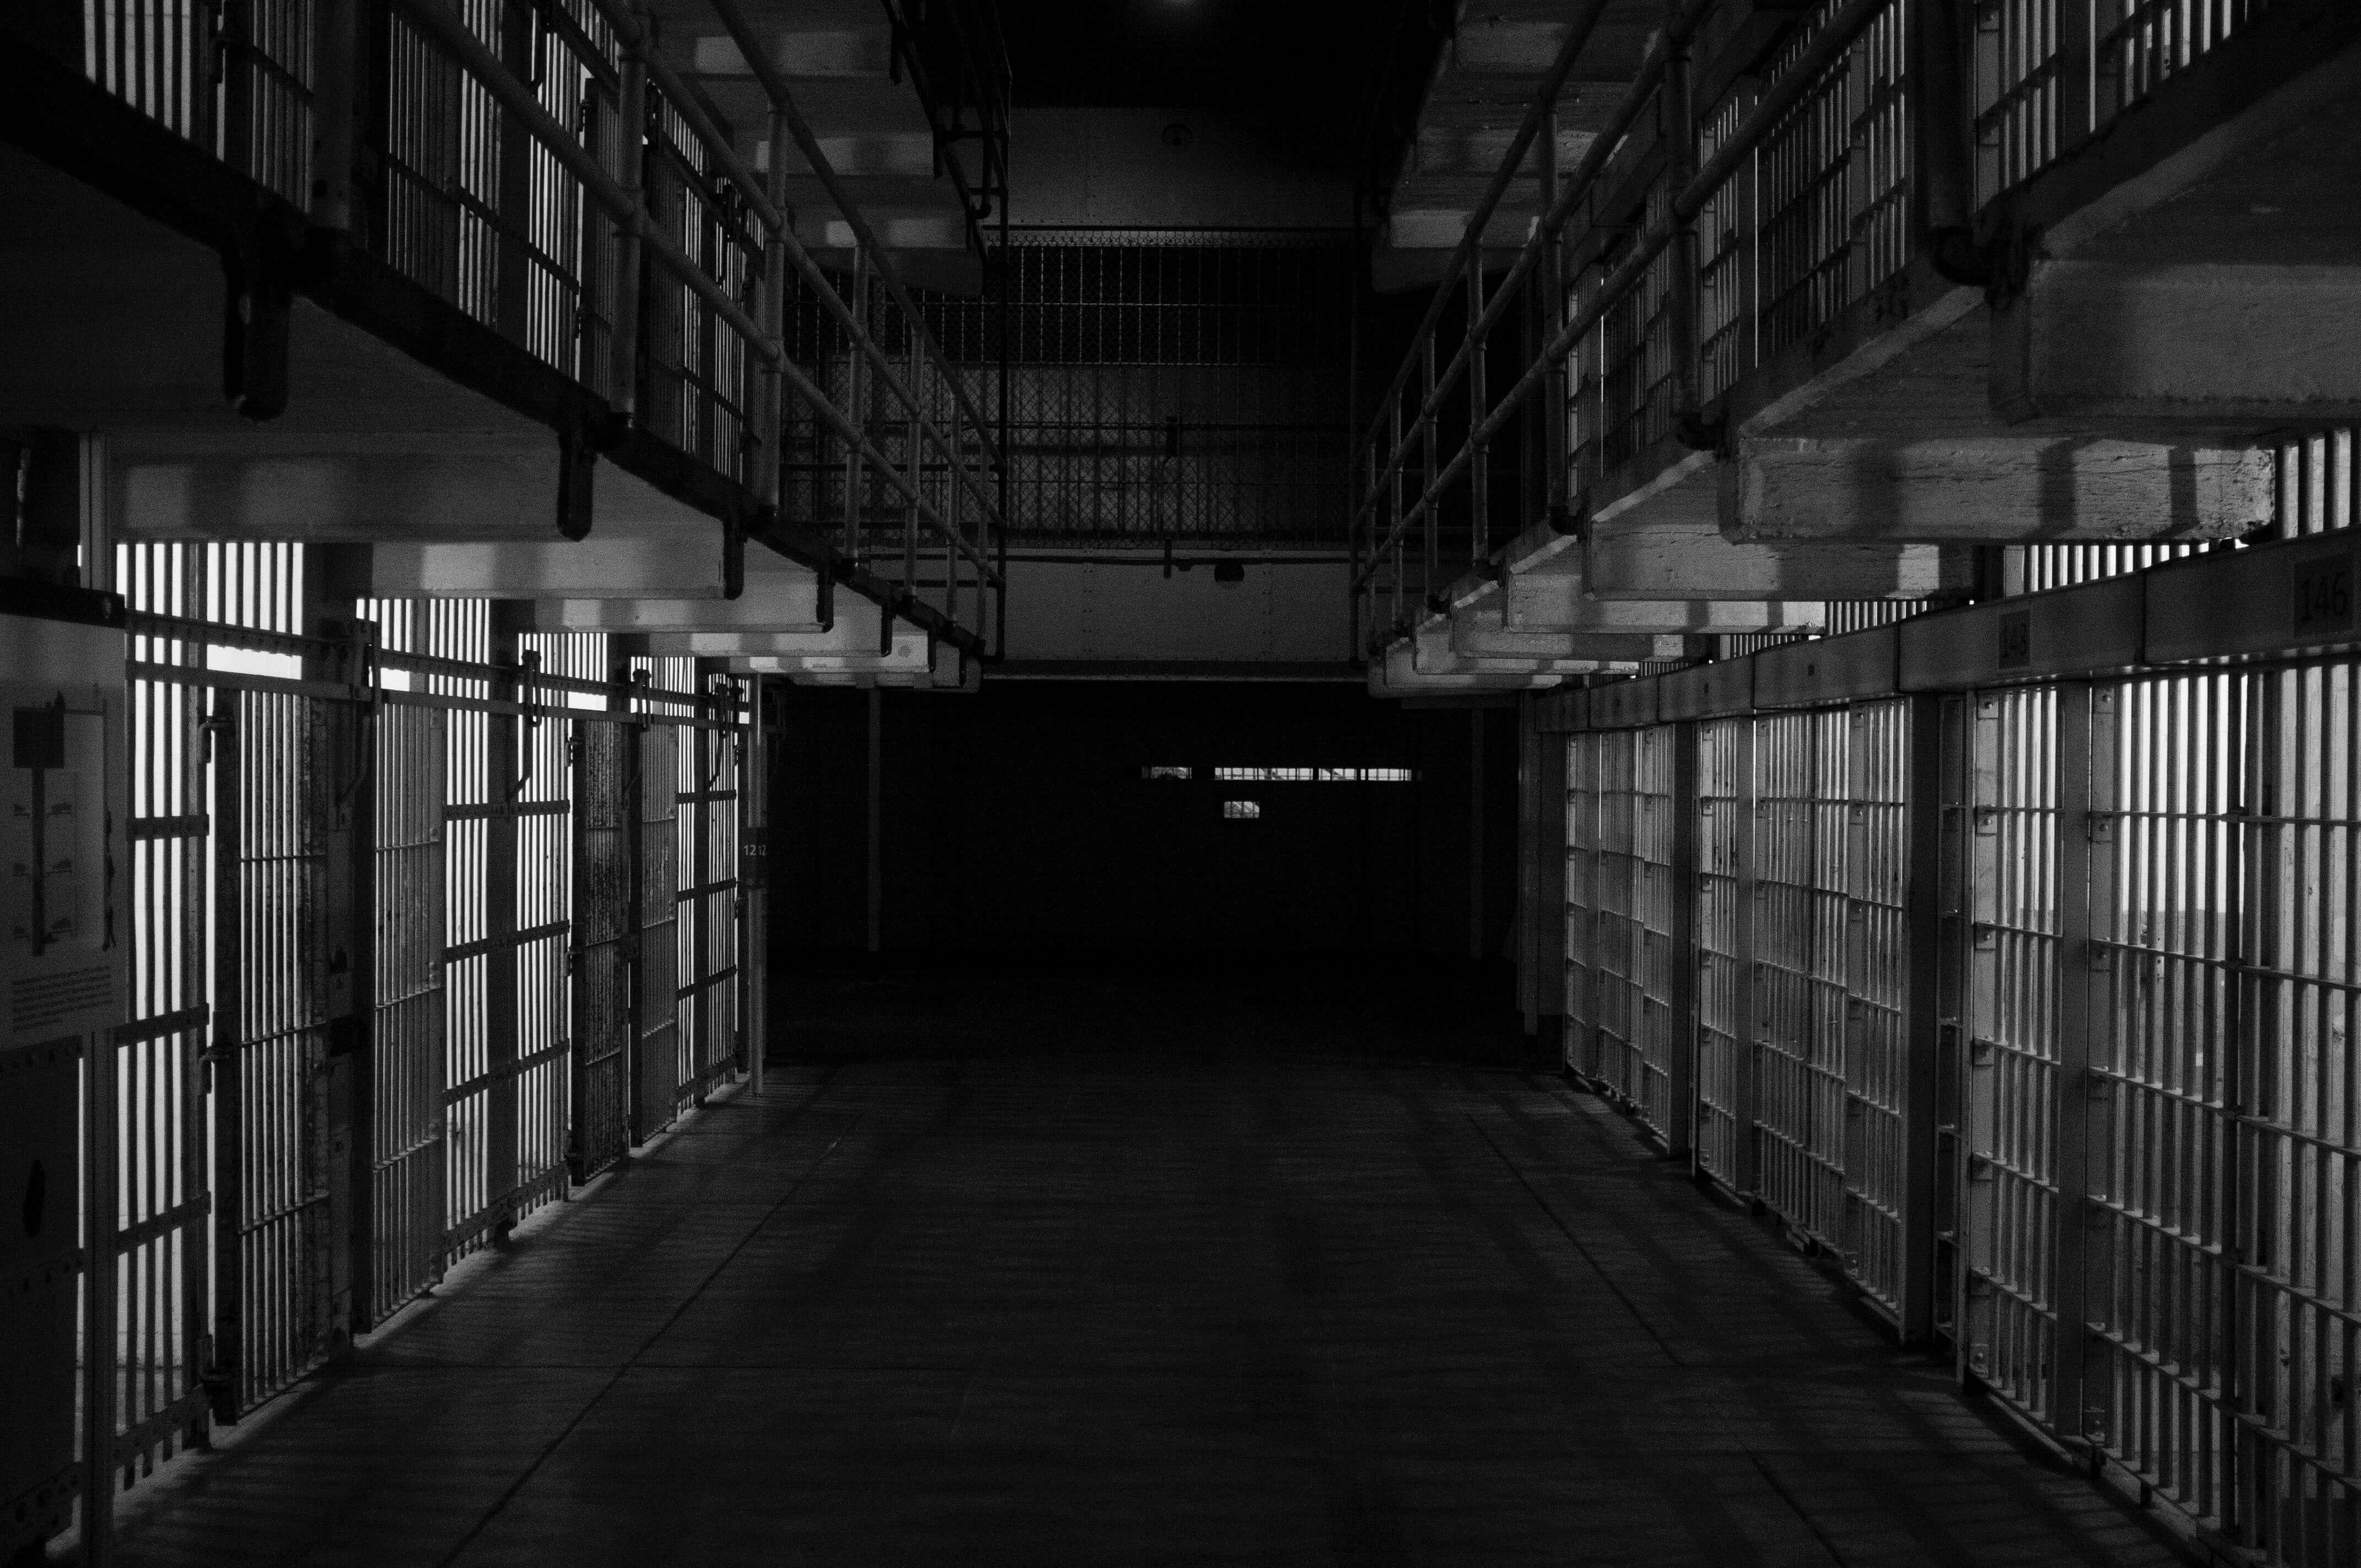 Singsing Prison